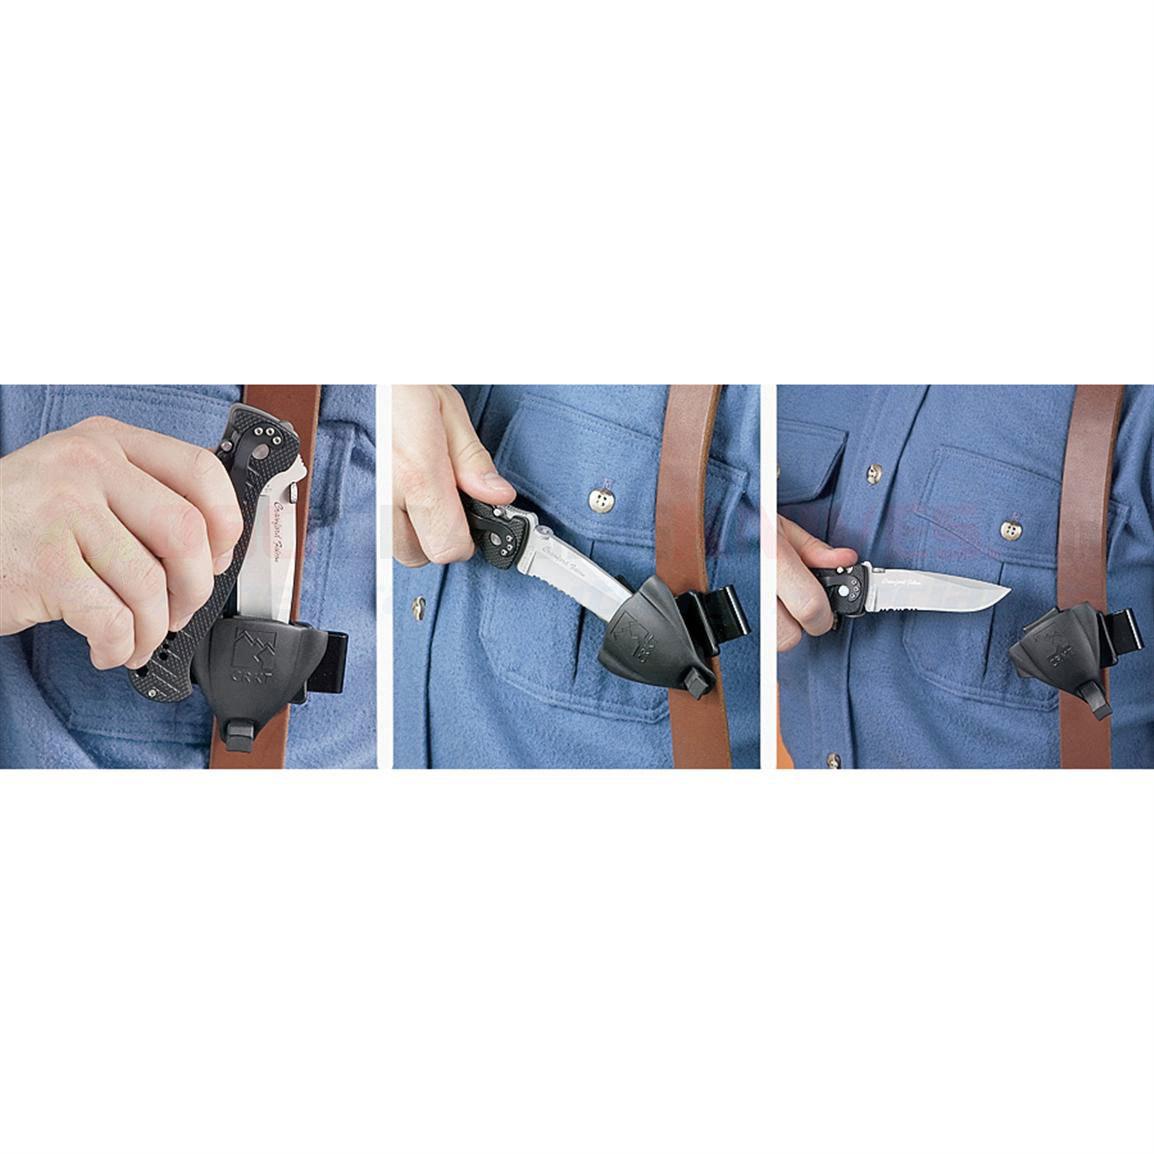 Фото 5 - Тактические ножны для складных ножей Merlin Professional, CRKT MERL1P